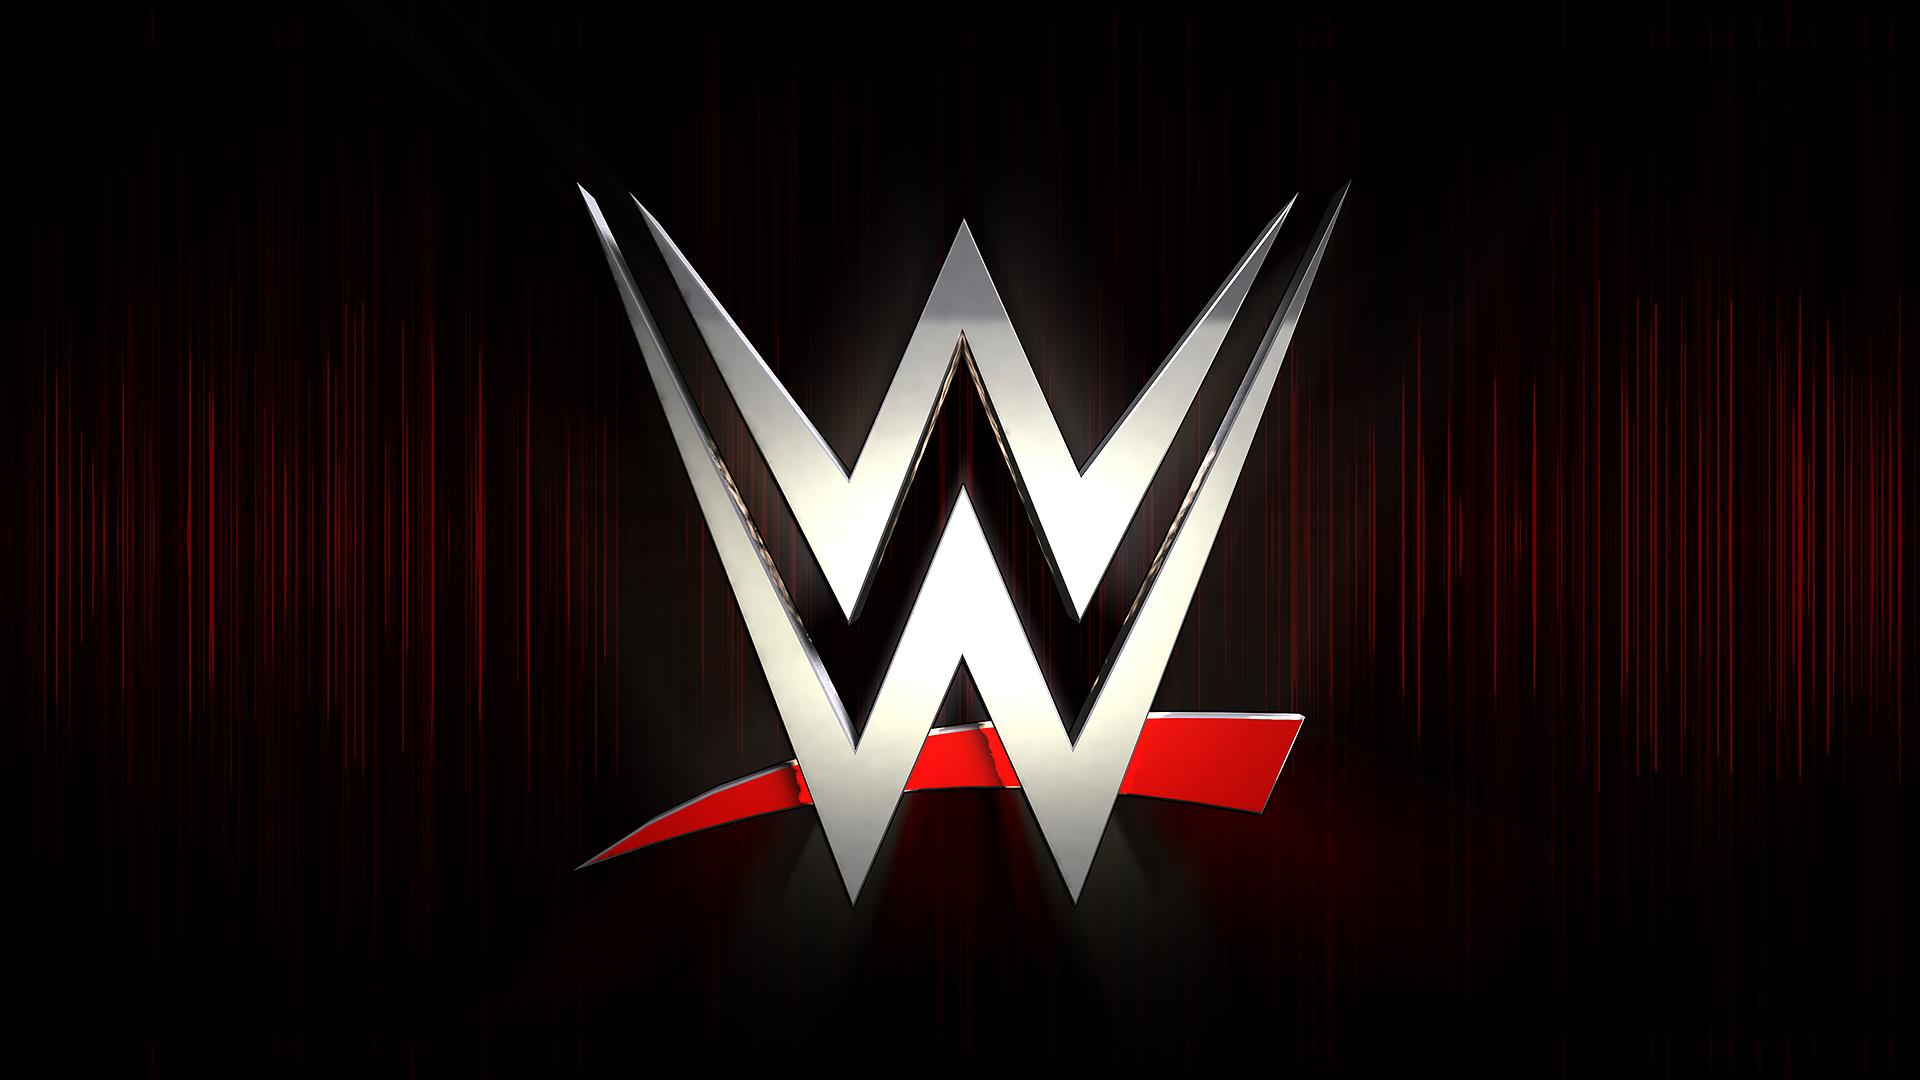 WWE Logo | new WWE logo wallpaper by MajinKhaN